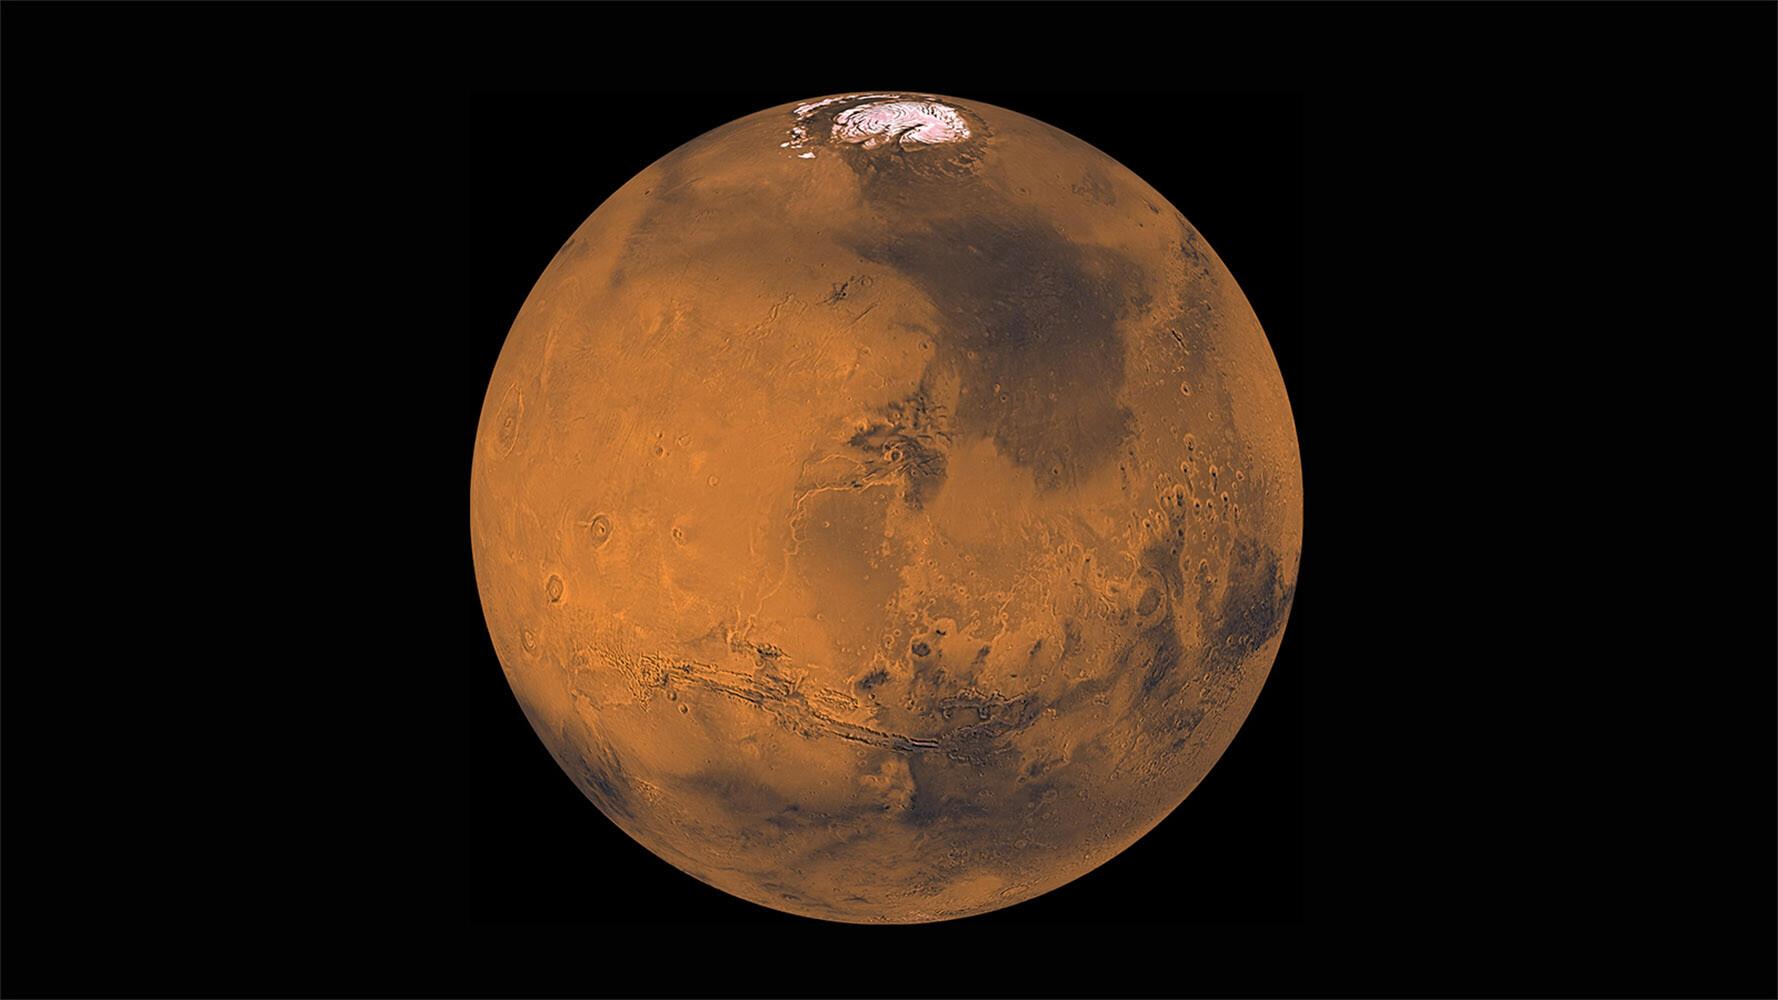 Marte esconde cuatro lagos de agua salada bajo su superficie